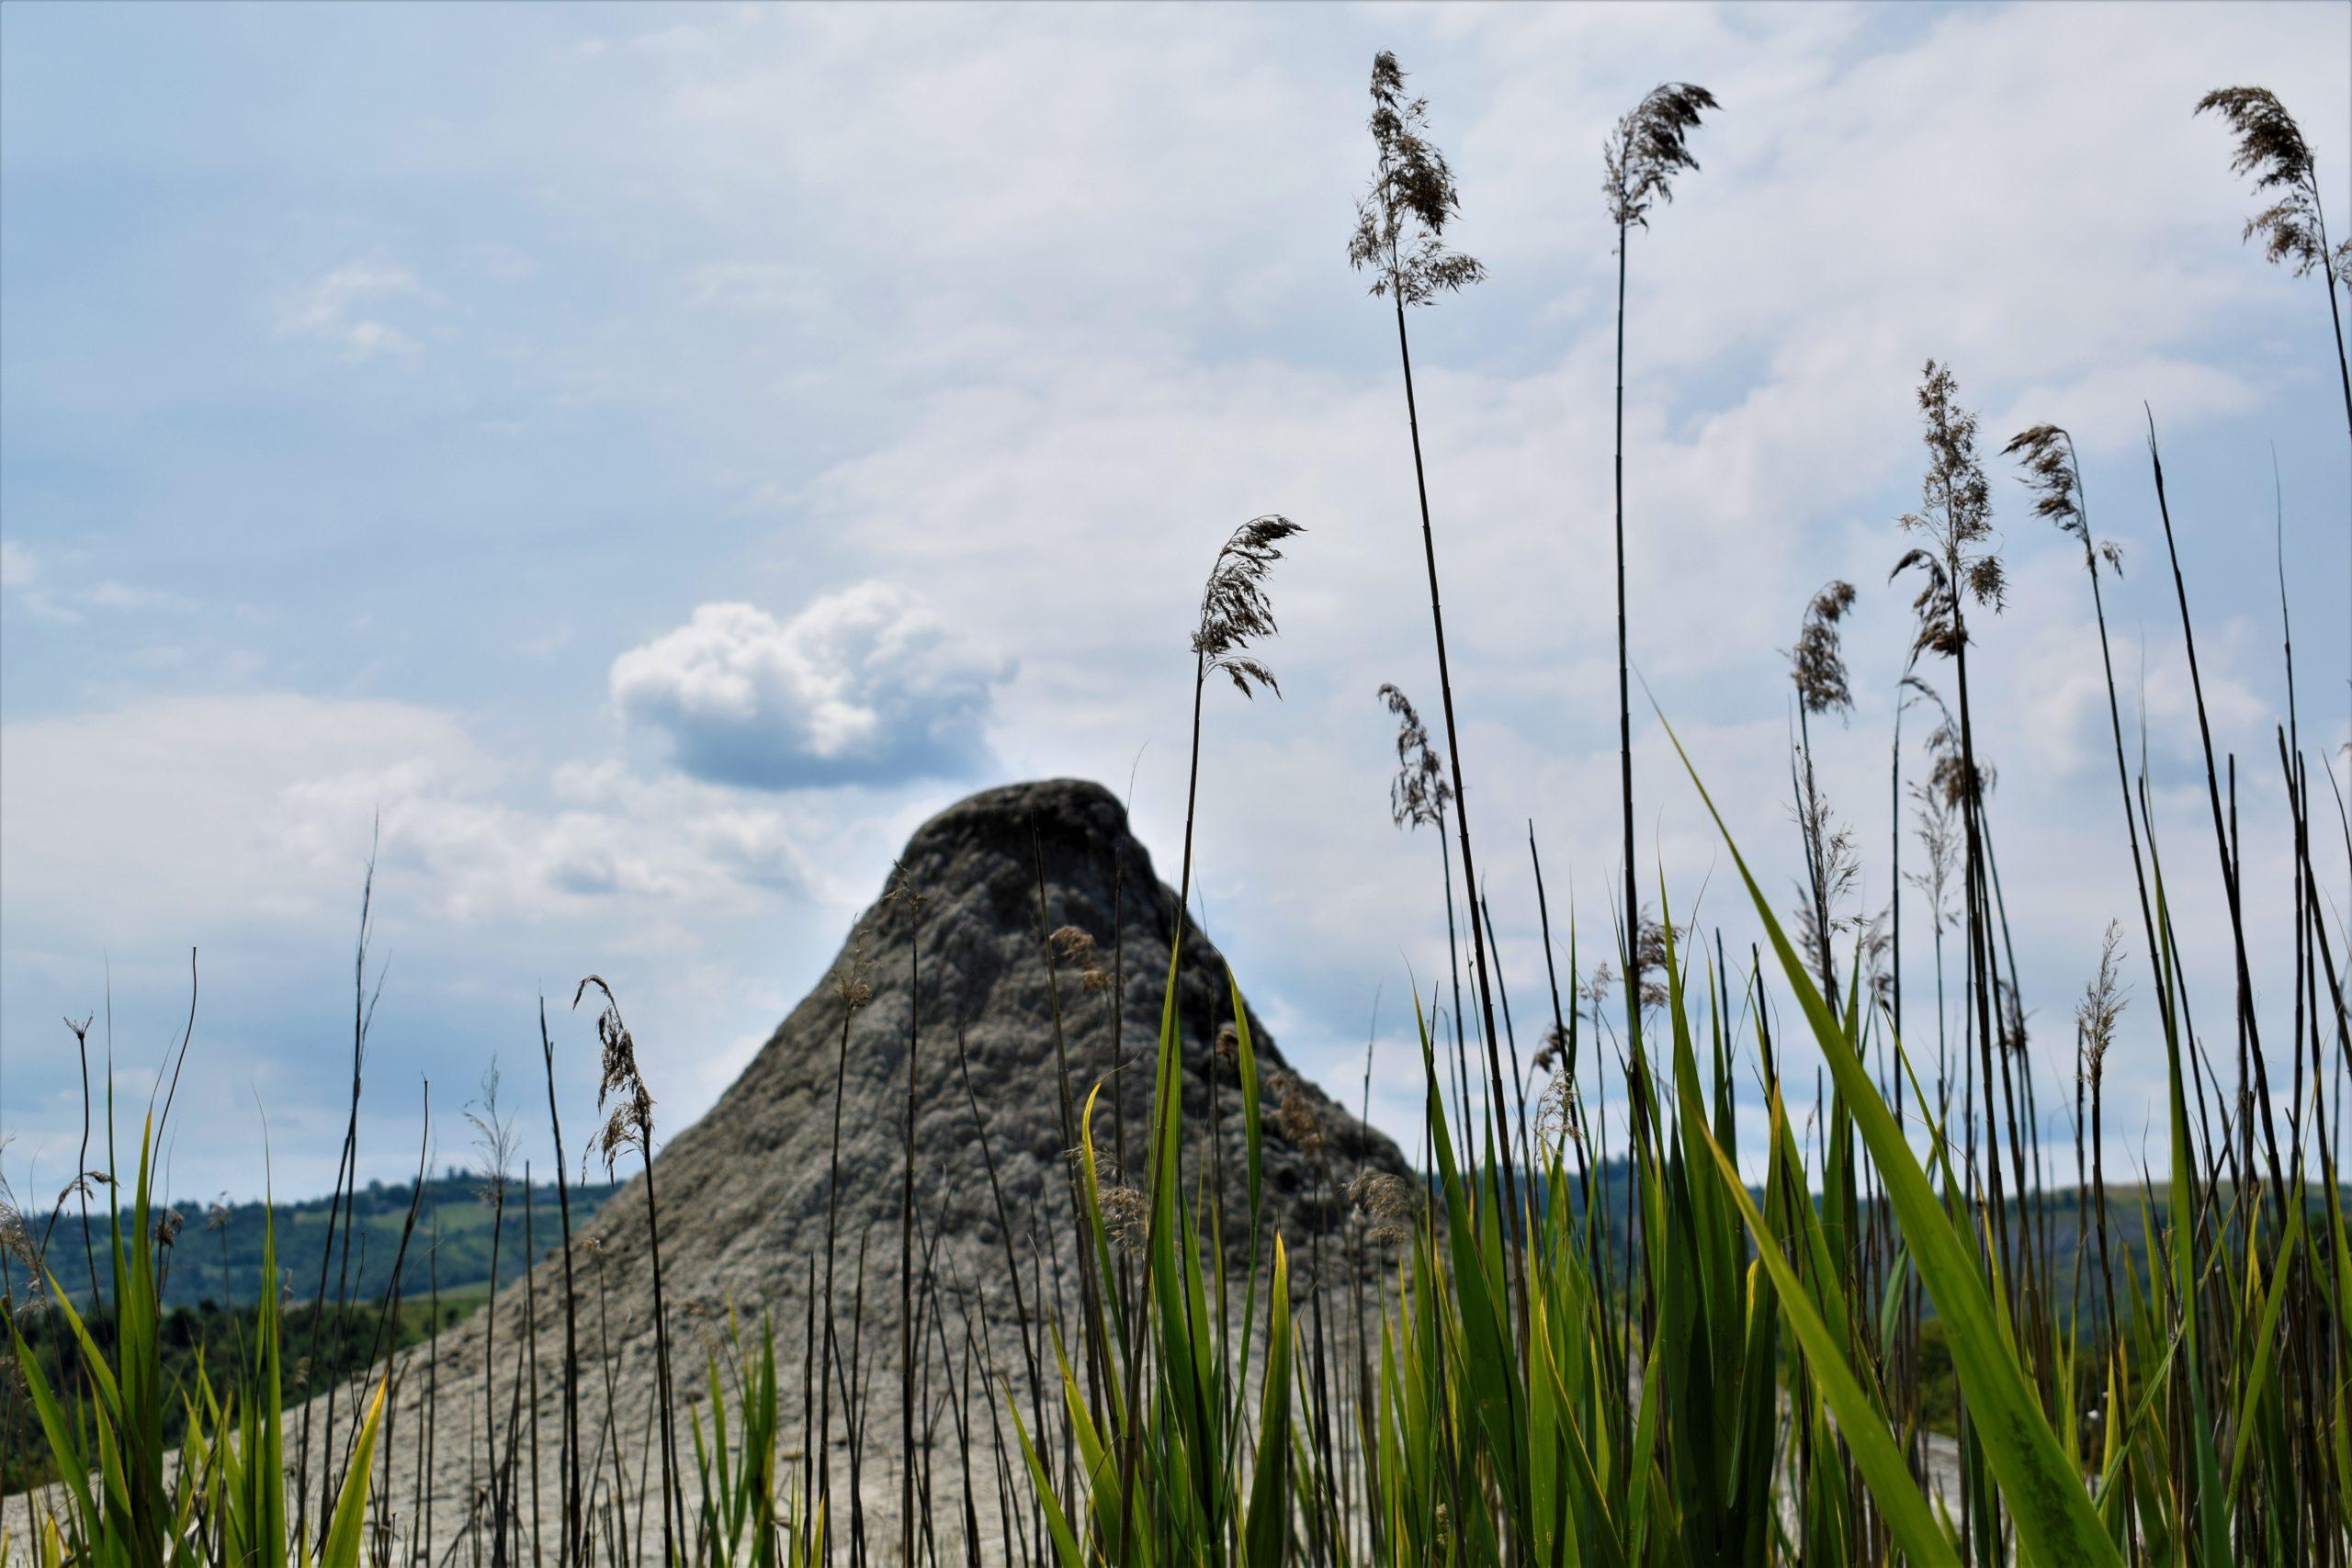 Salse di Nirano: riserva naturale in Emilia Romagna - I Viaggi di Ciopilla